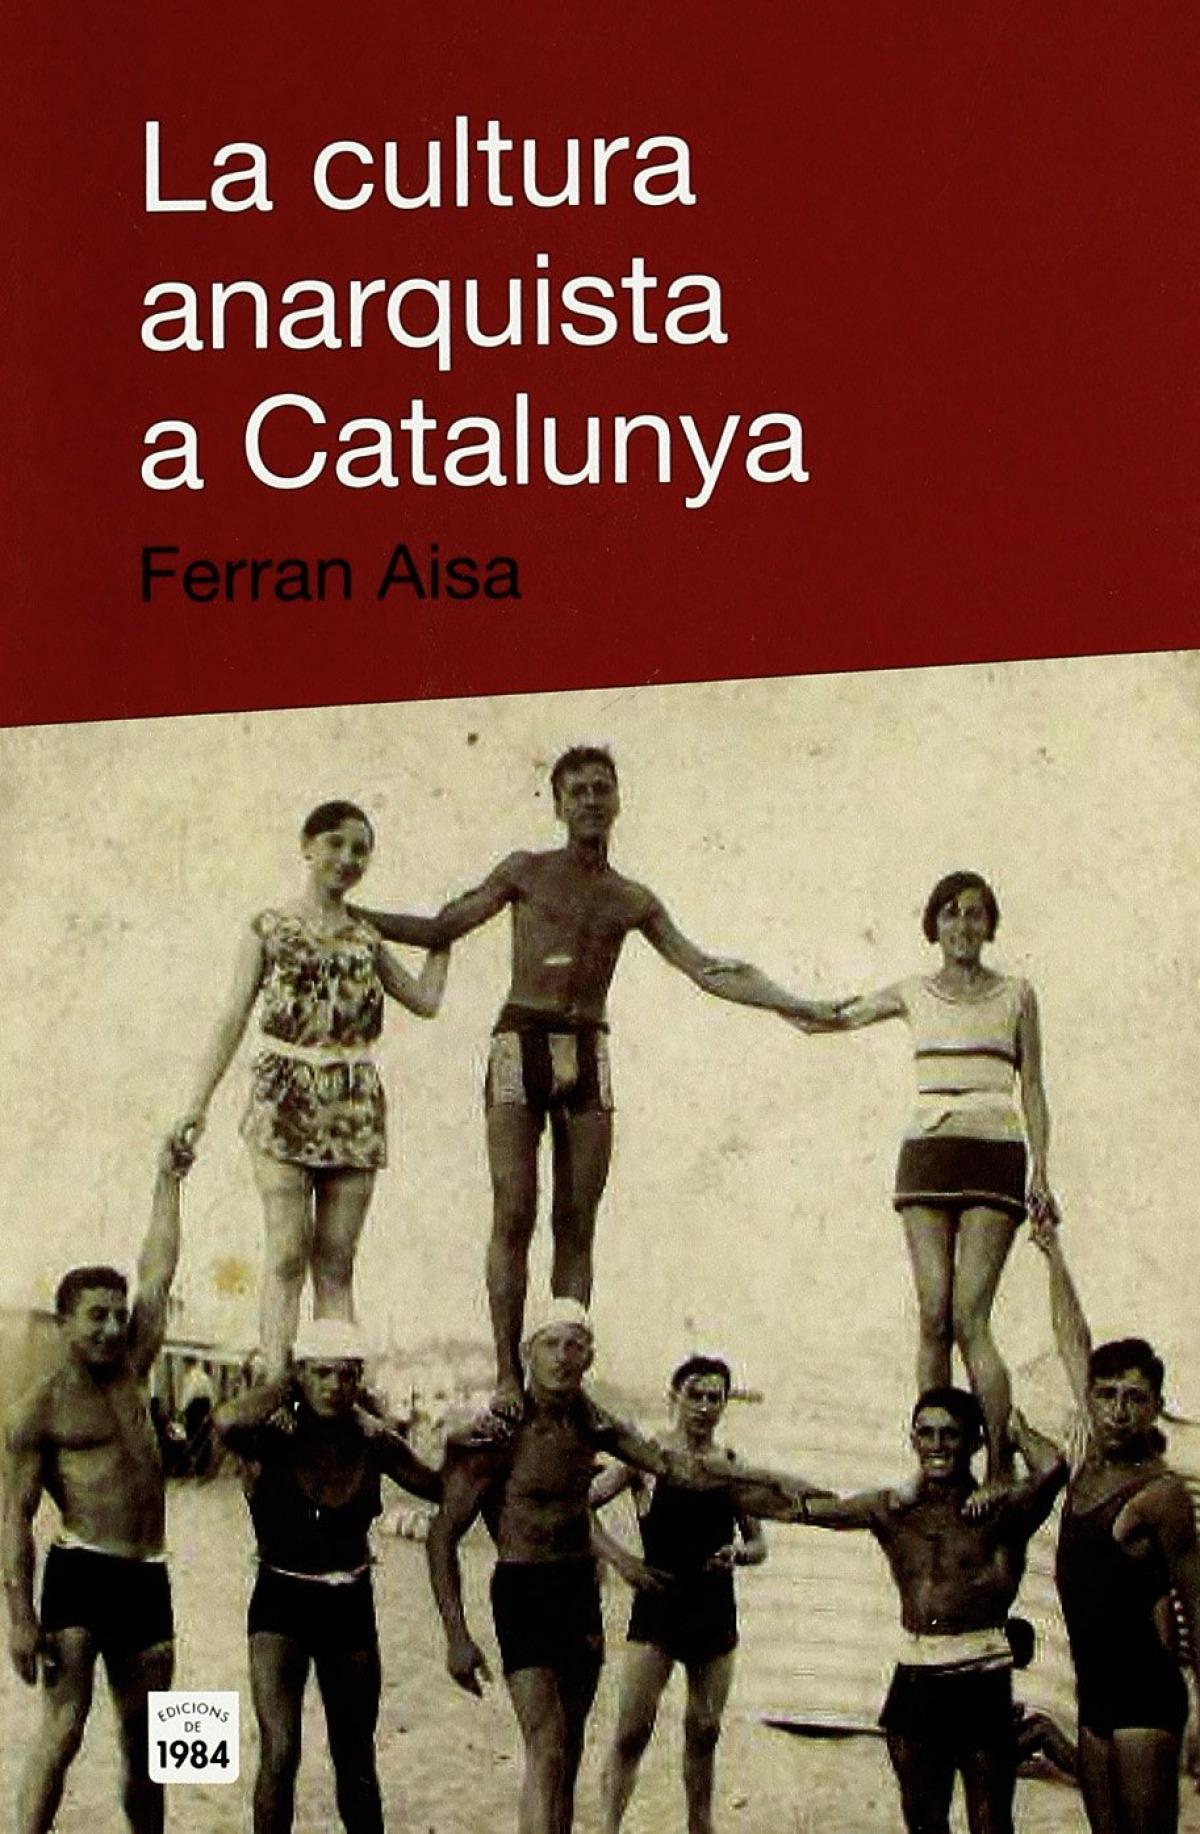 La cultura anarquista a Catalunya